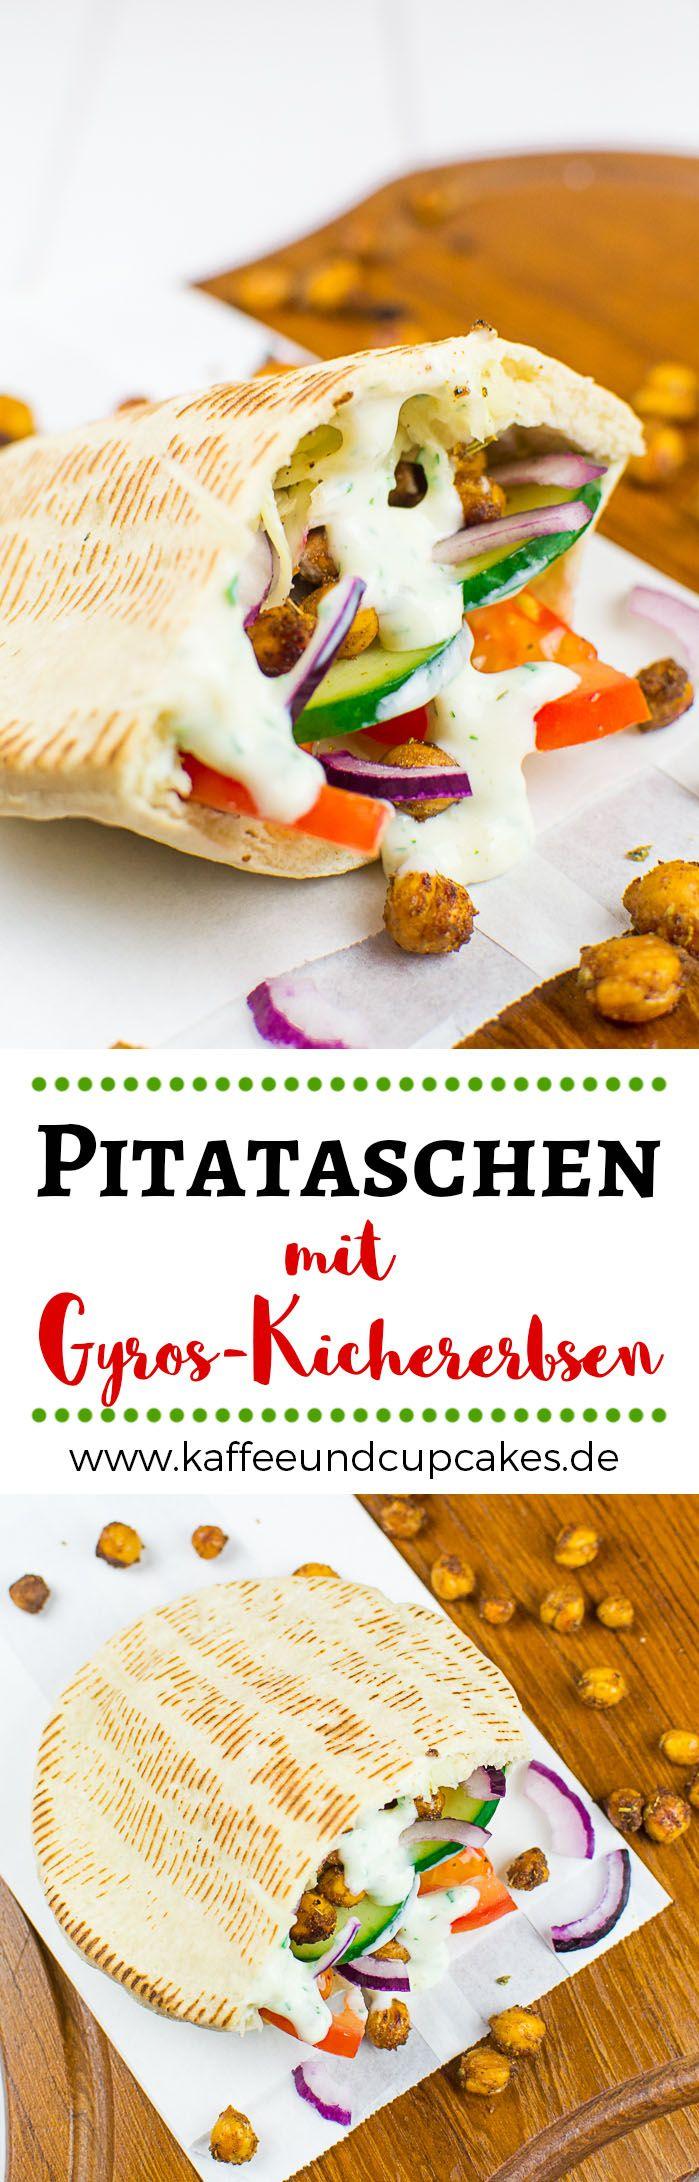 Pitataschen mit gebackenen Gyros-Kichererbsen und selbstgemachter Tsatsiki-Joghurt-Sauce #vegan #vegetarisch #pita #teigtasche #gurke #tomate #zwiebel #brot #sandwich #kichererbsen #joghurt #sojajoghurt #tsatsiki #griechisch #gyros #weißkraut